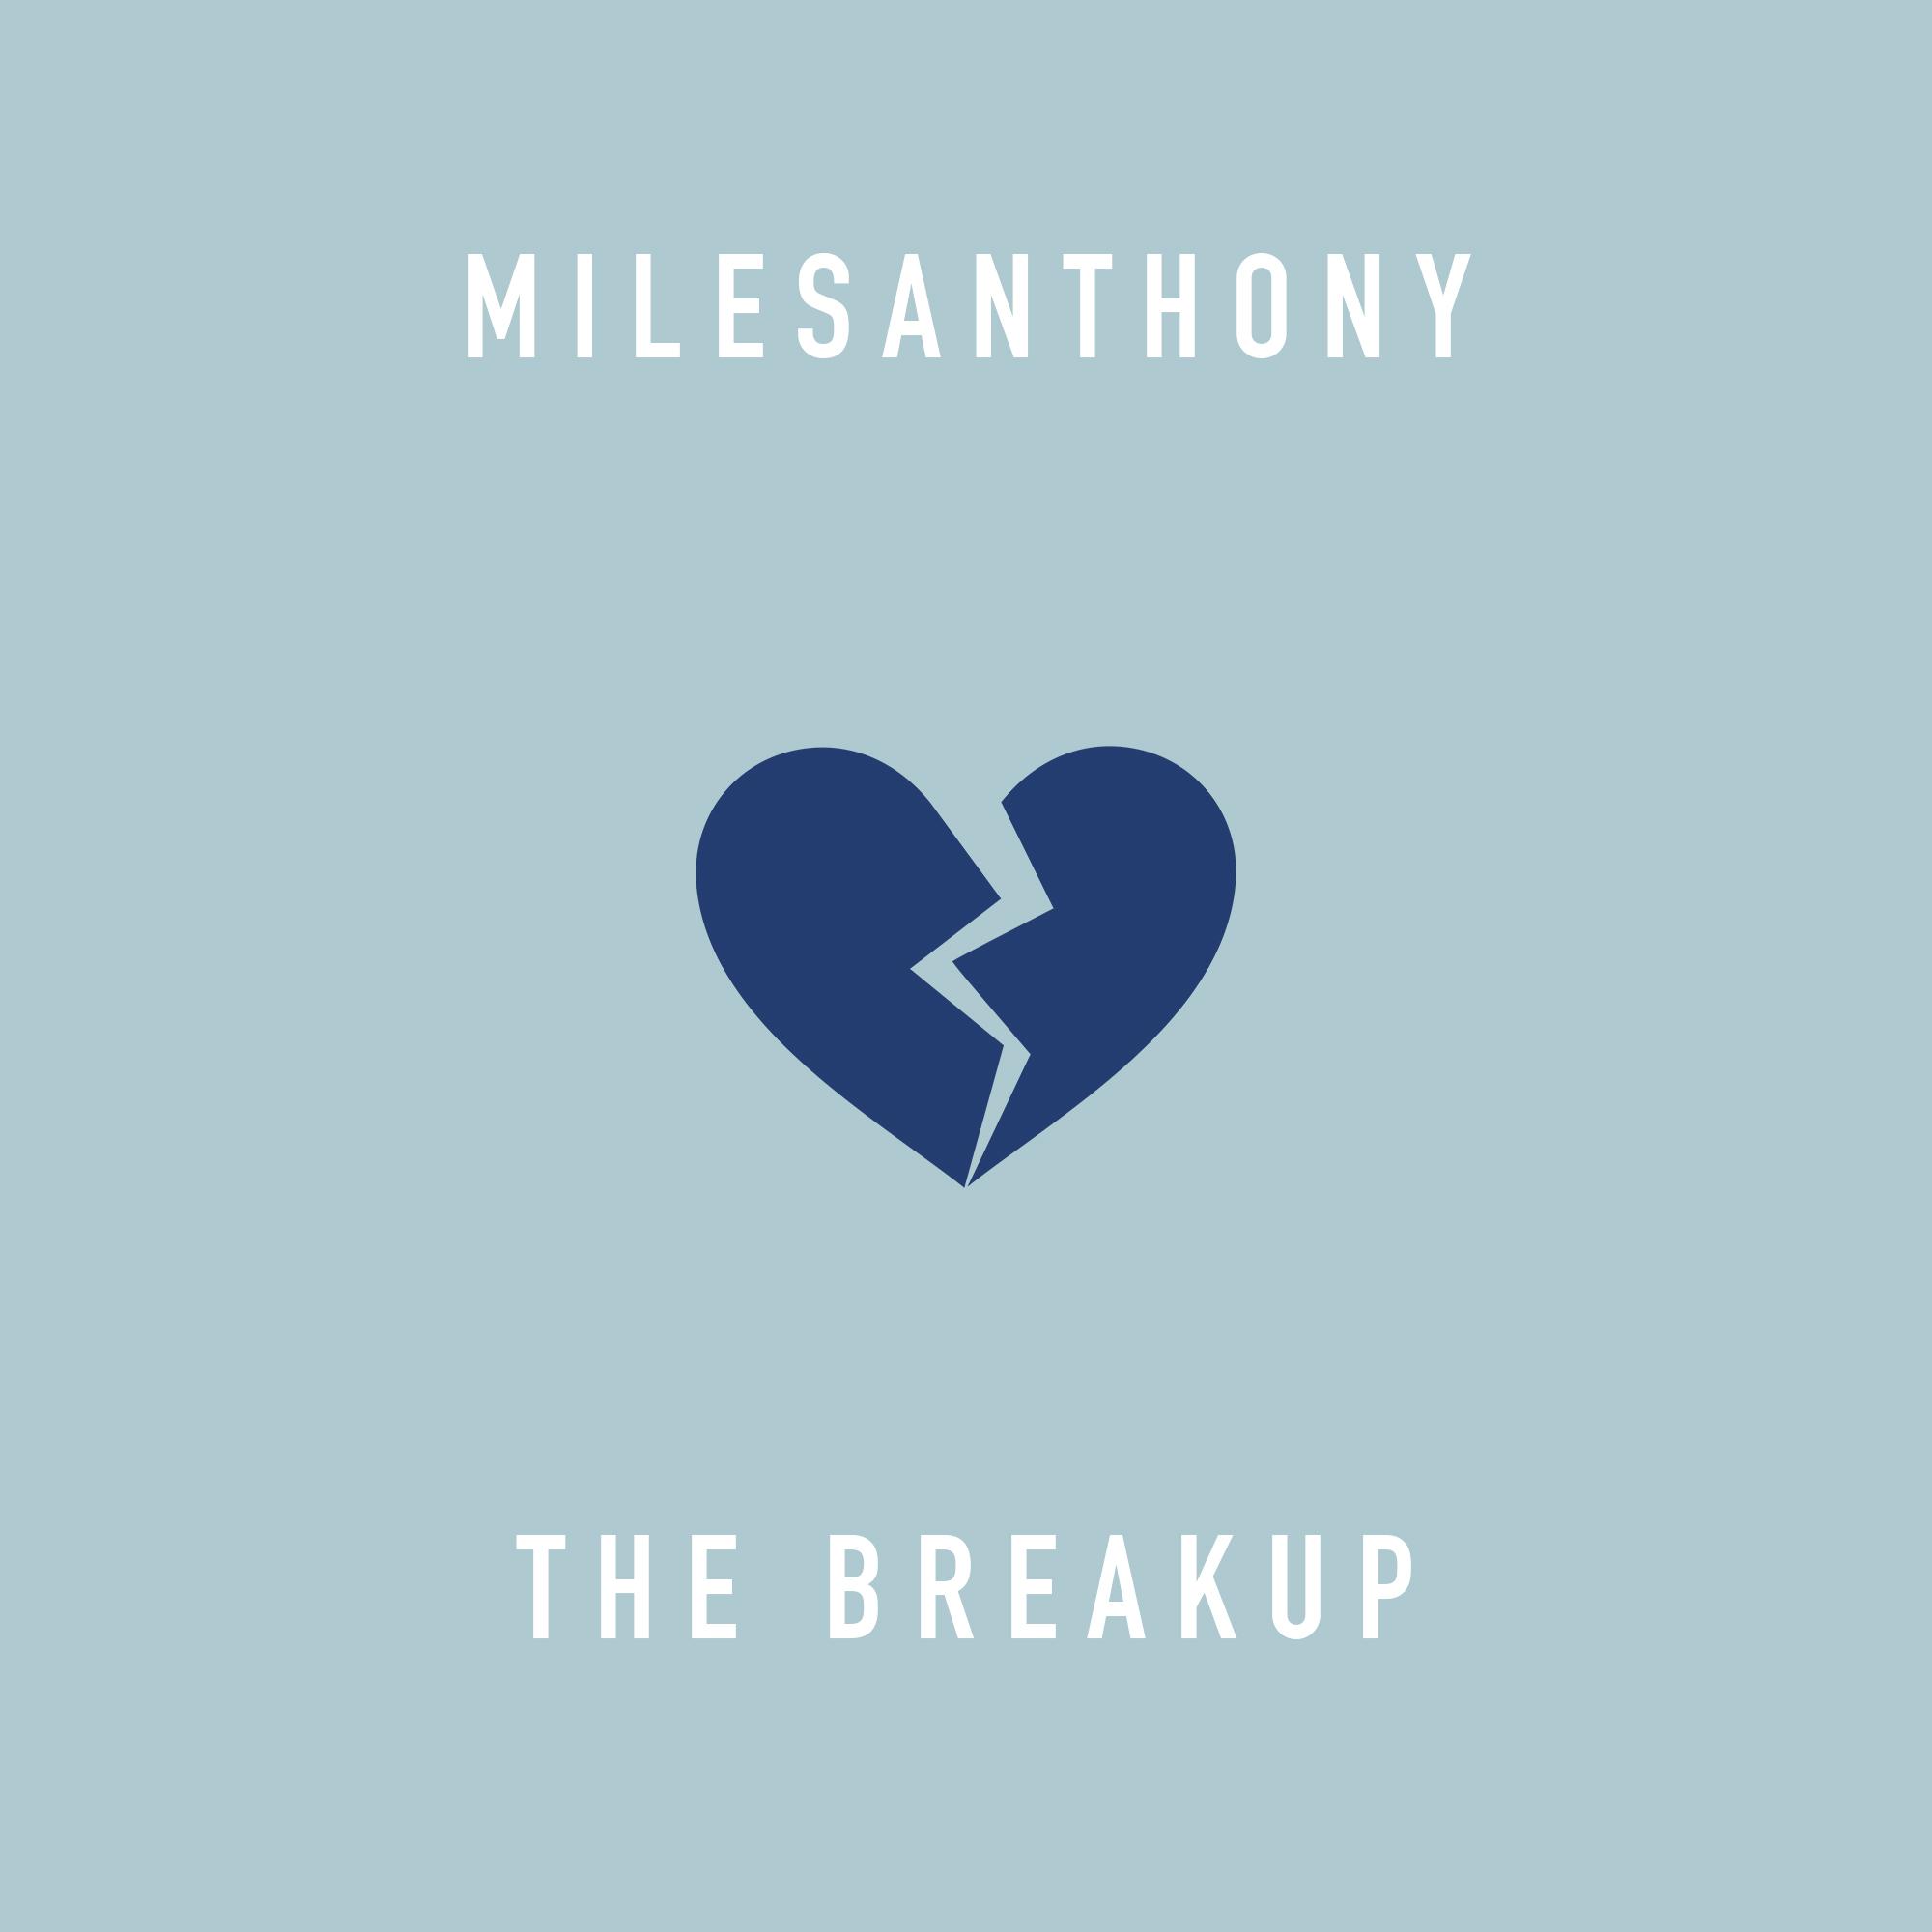 The-Breakup_v2